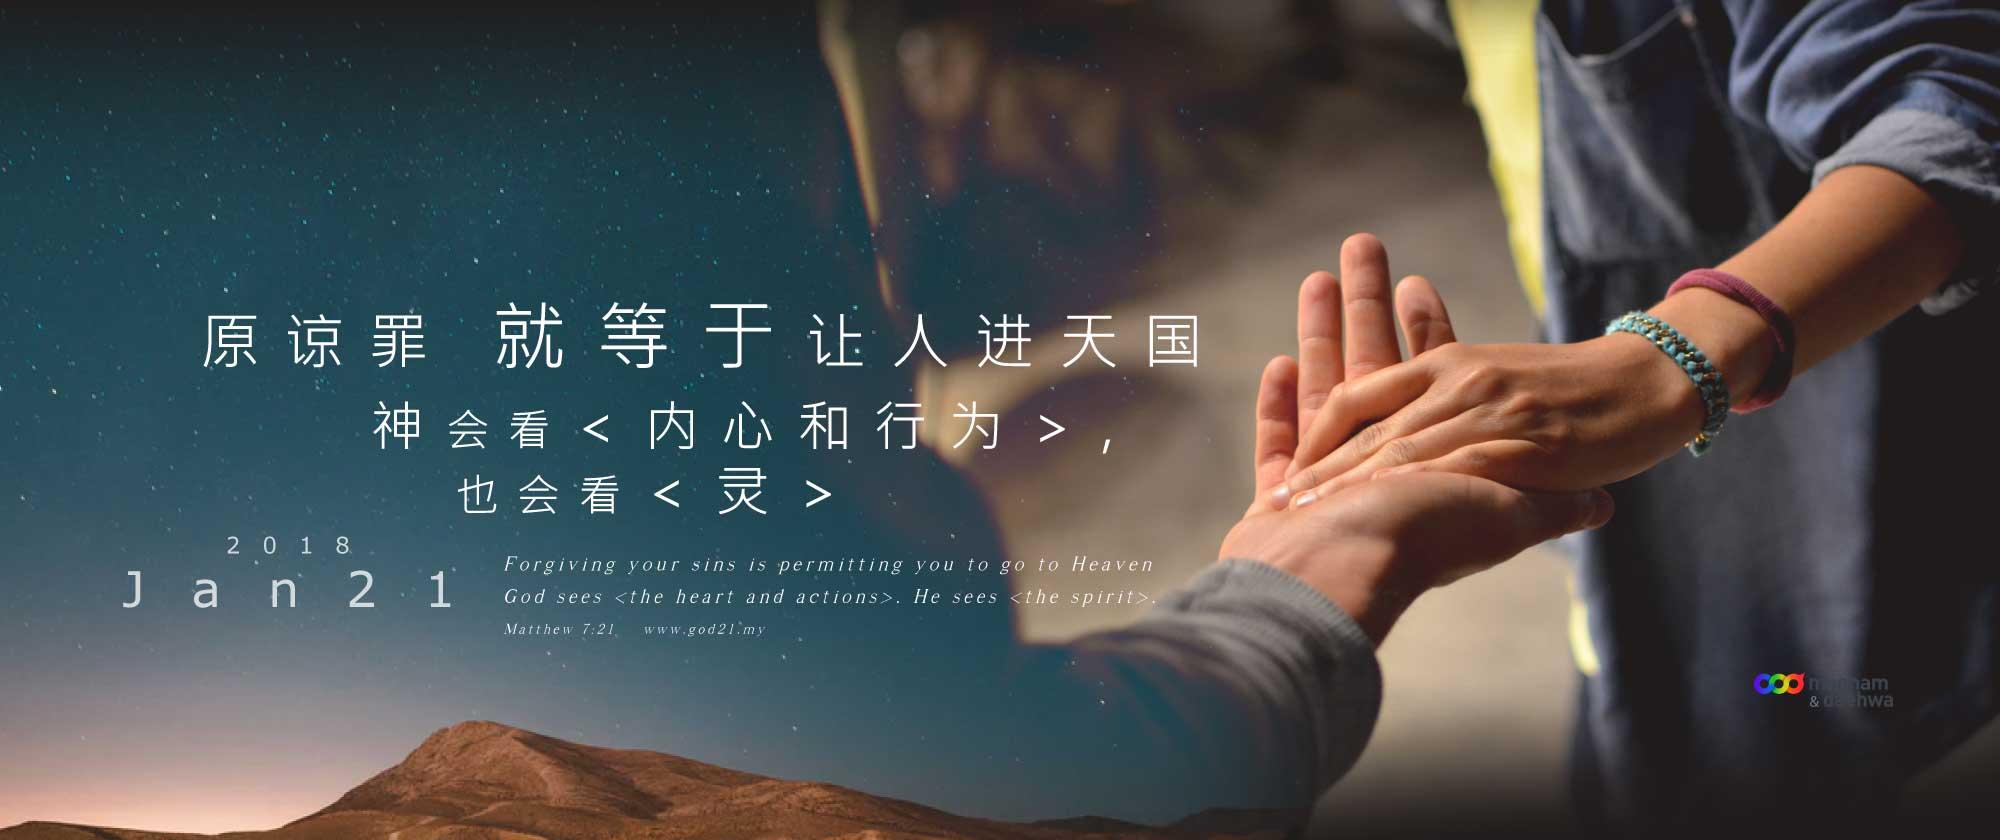 原谅罪就等于让人进天国神会看<内心和行为>,也会看<灵>